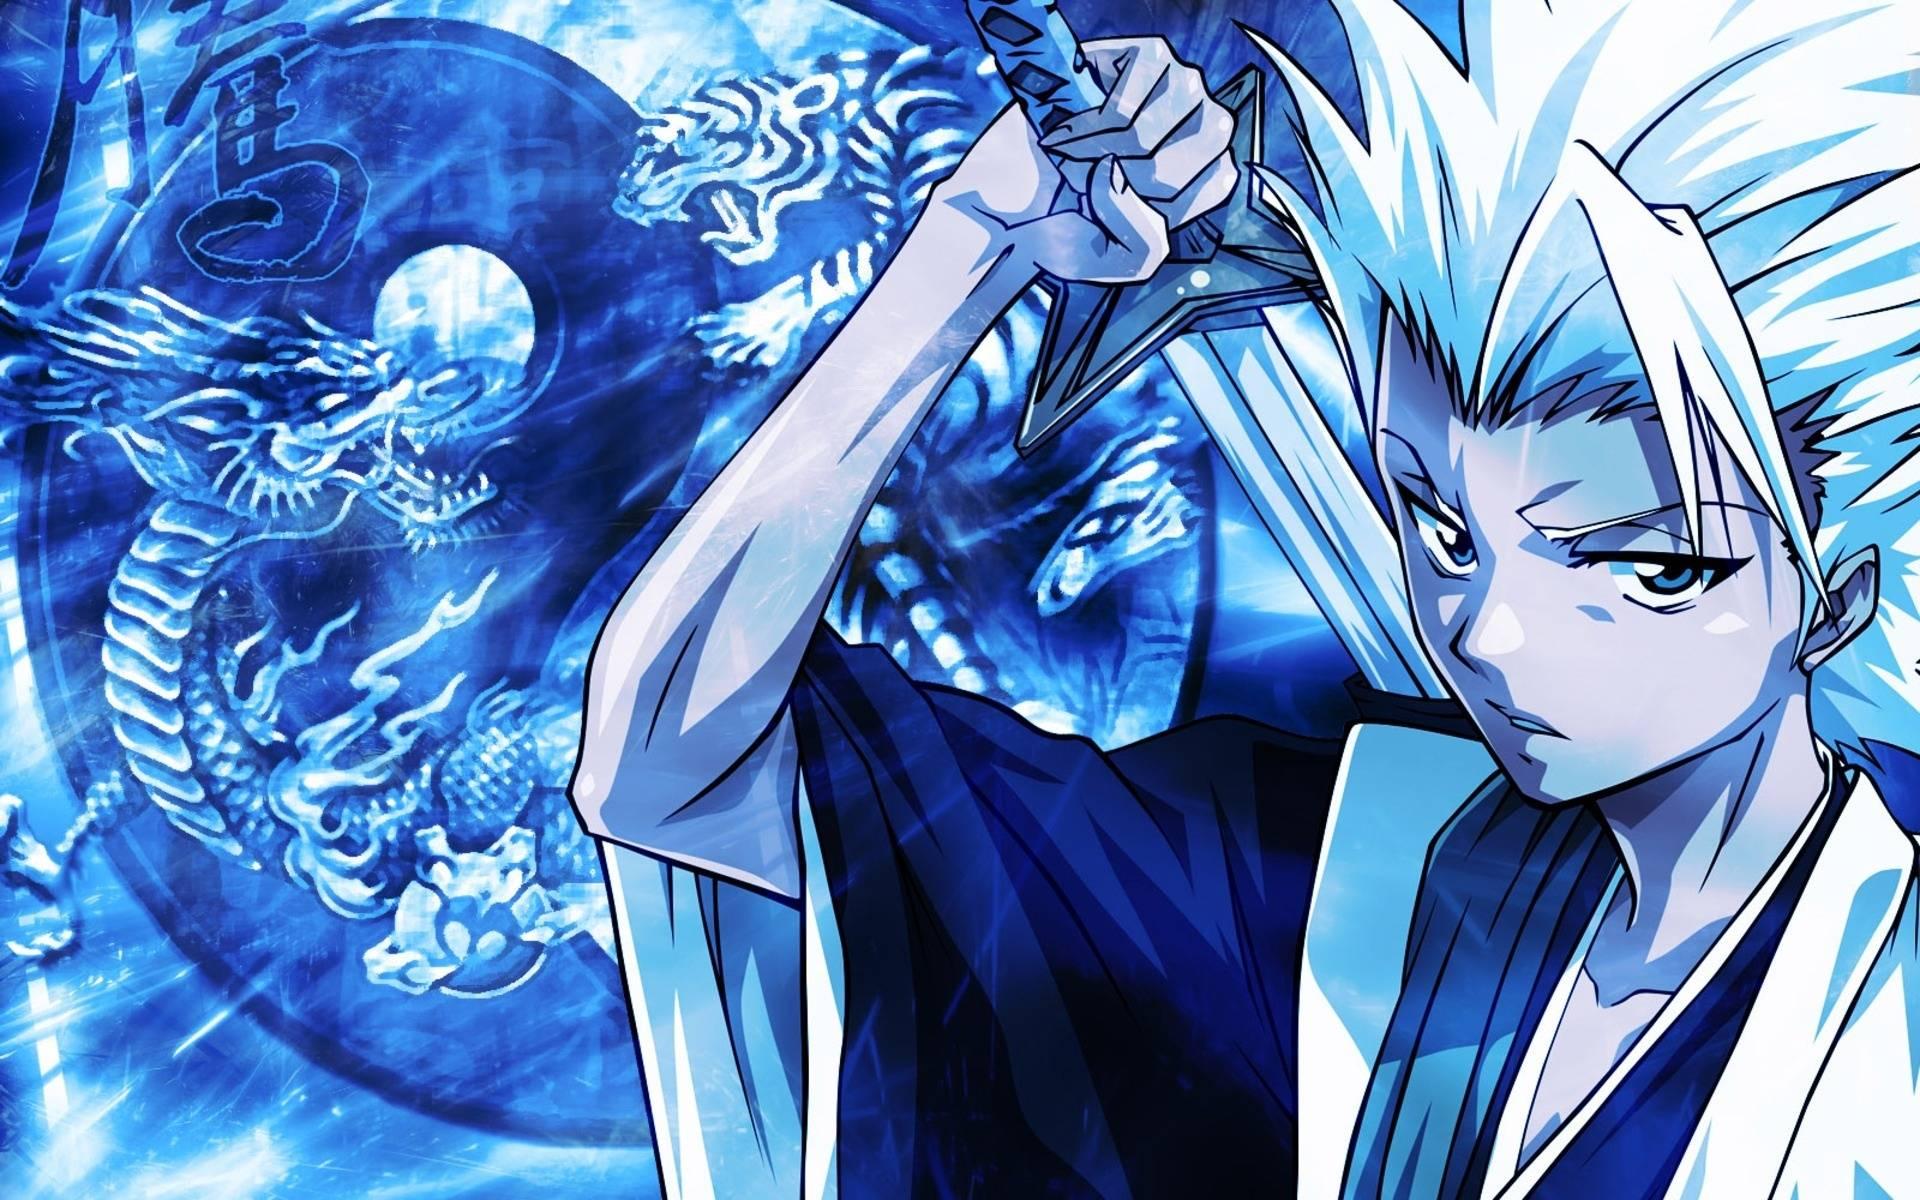 Blue Anime Guy Wallpaper 1920x1200